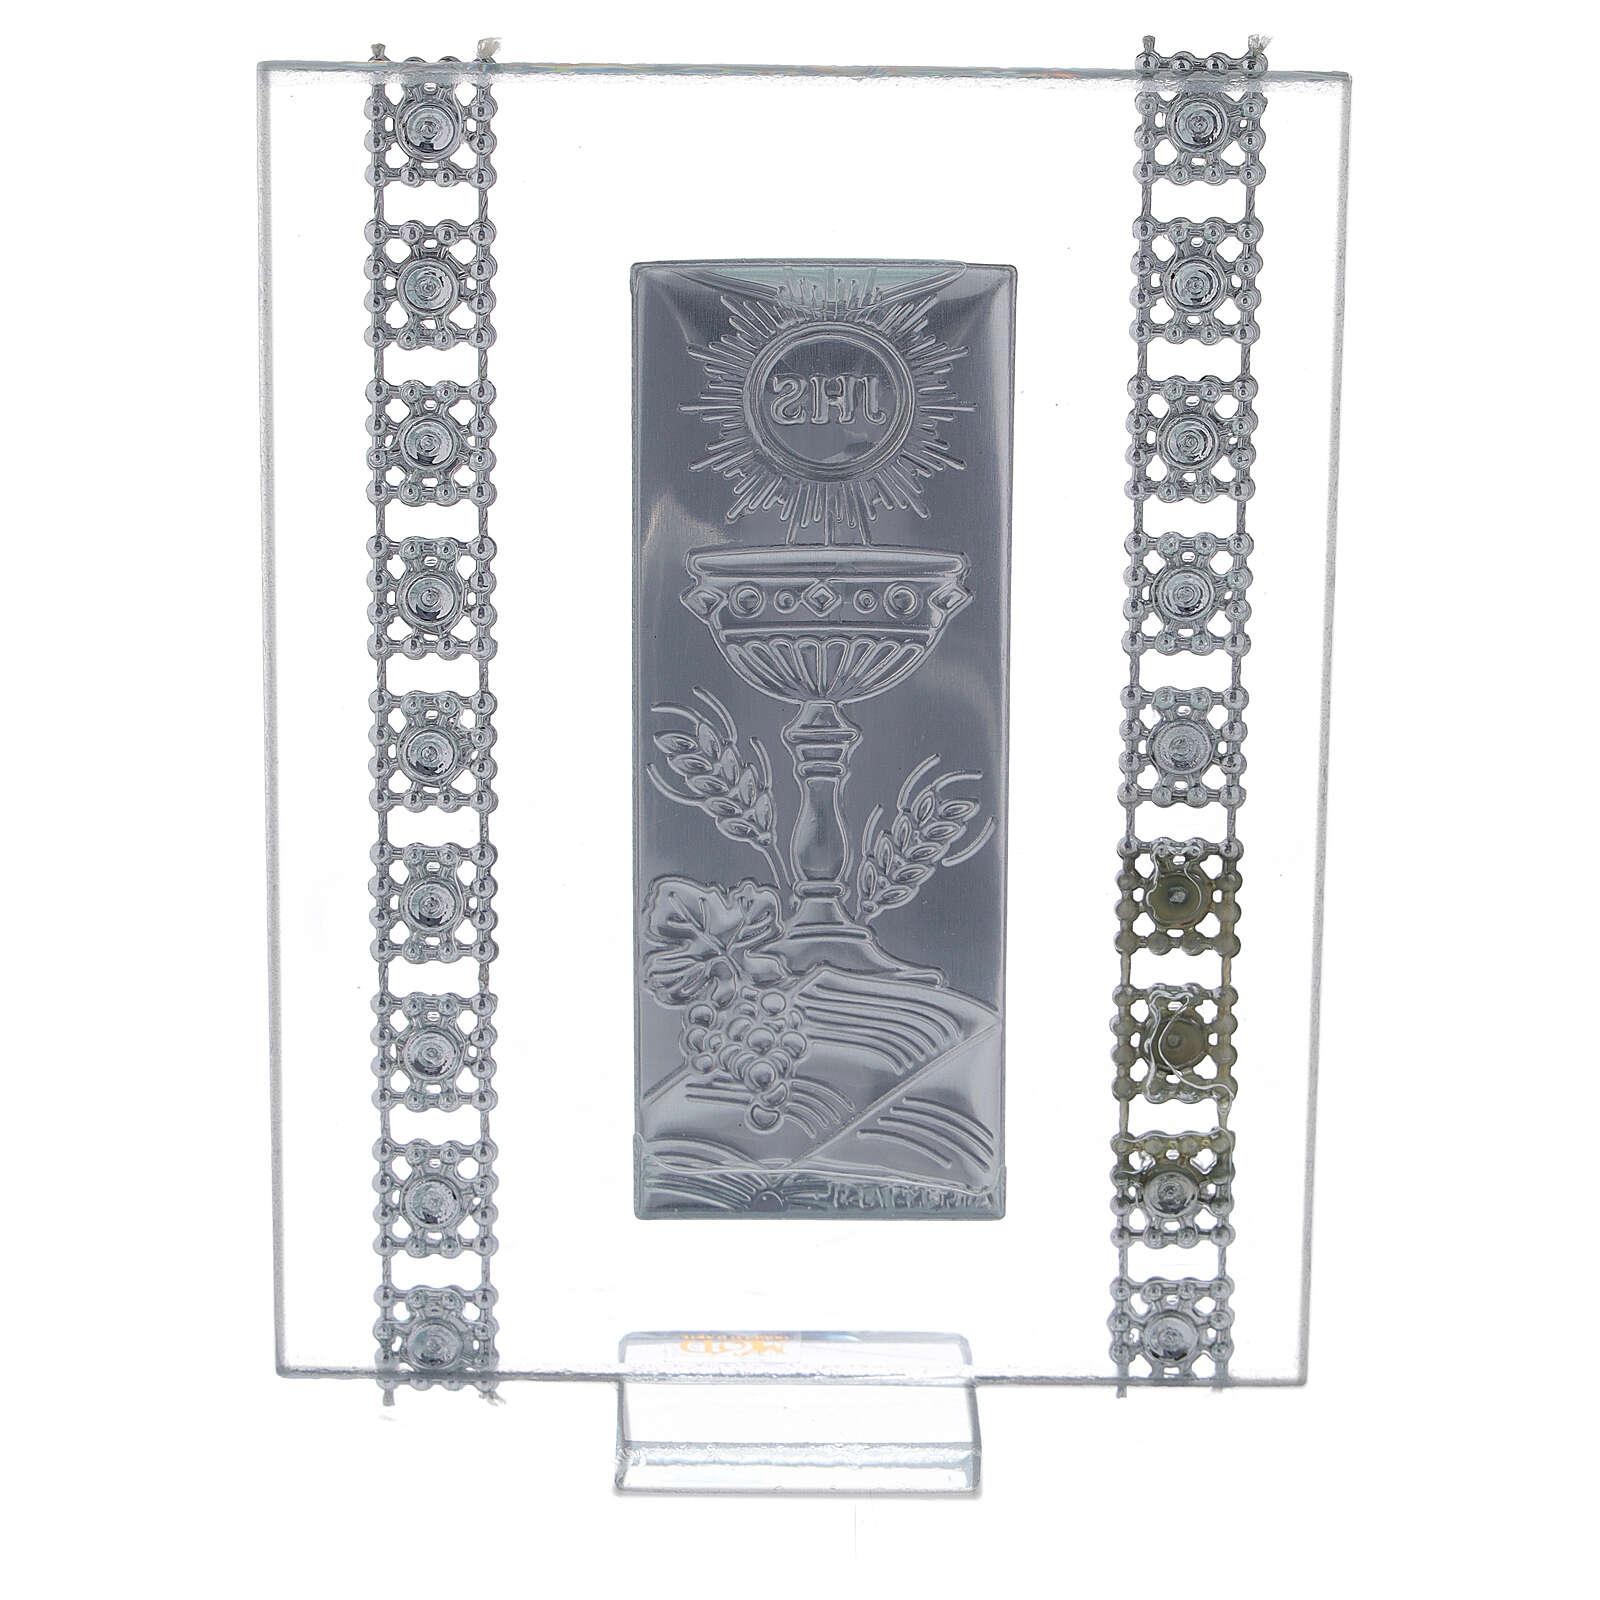 Souvenir strass et symboles Communion verre 3